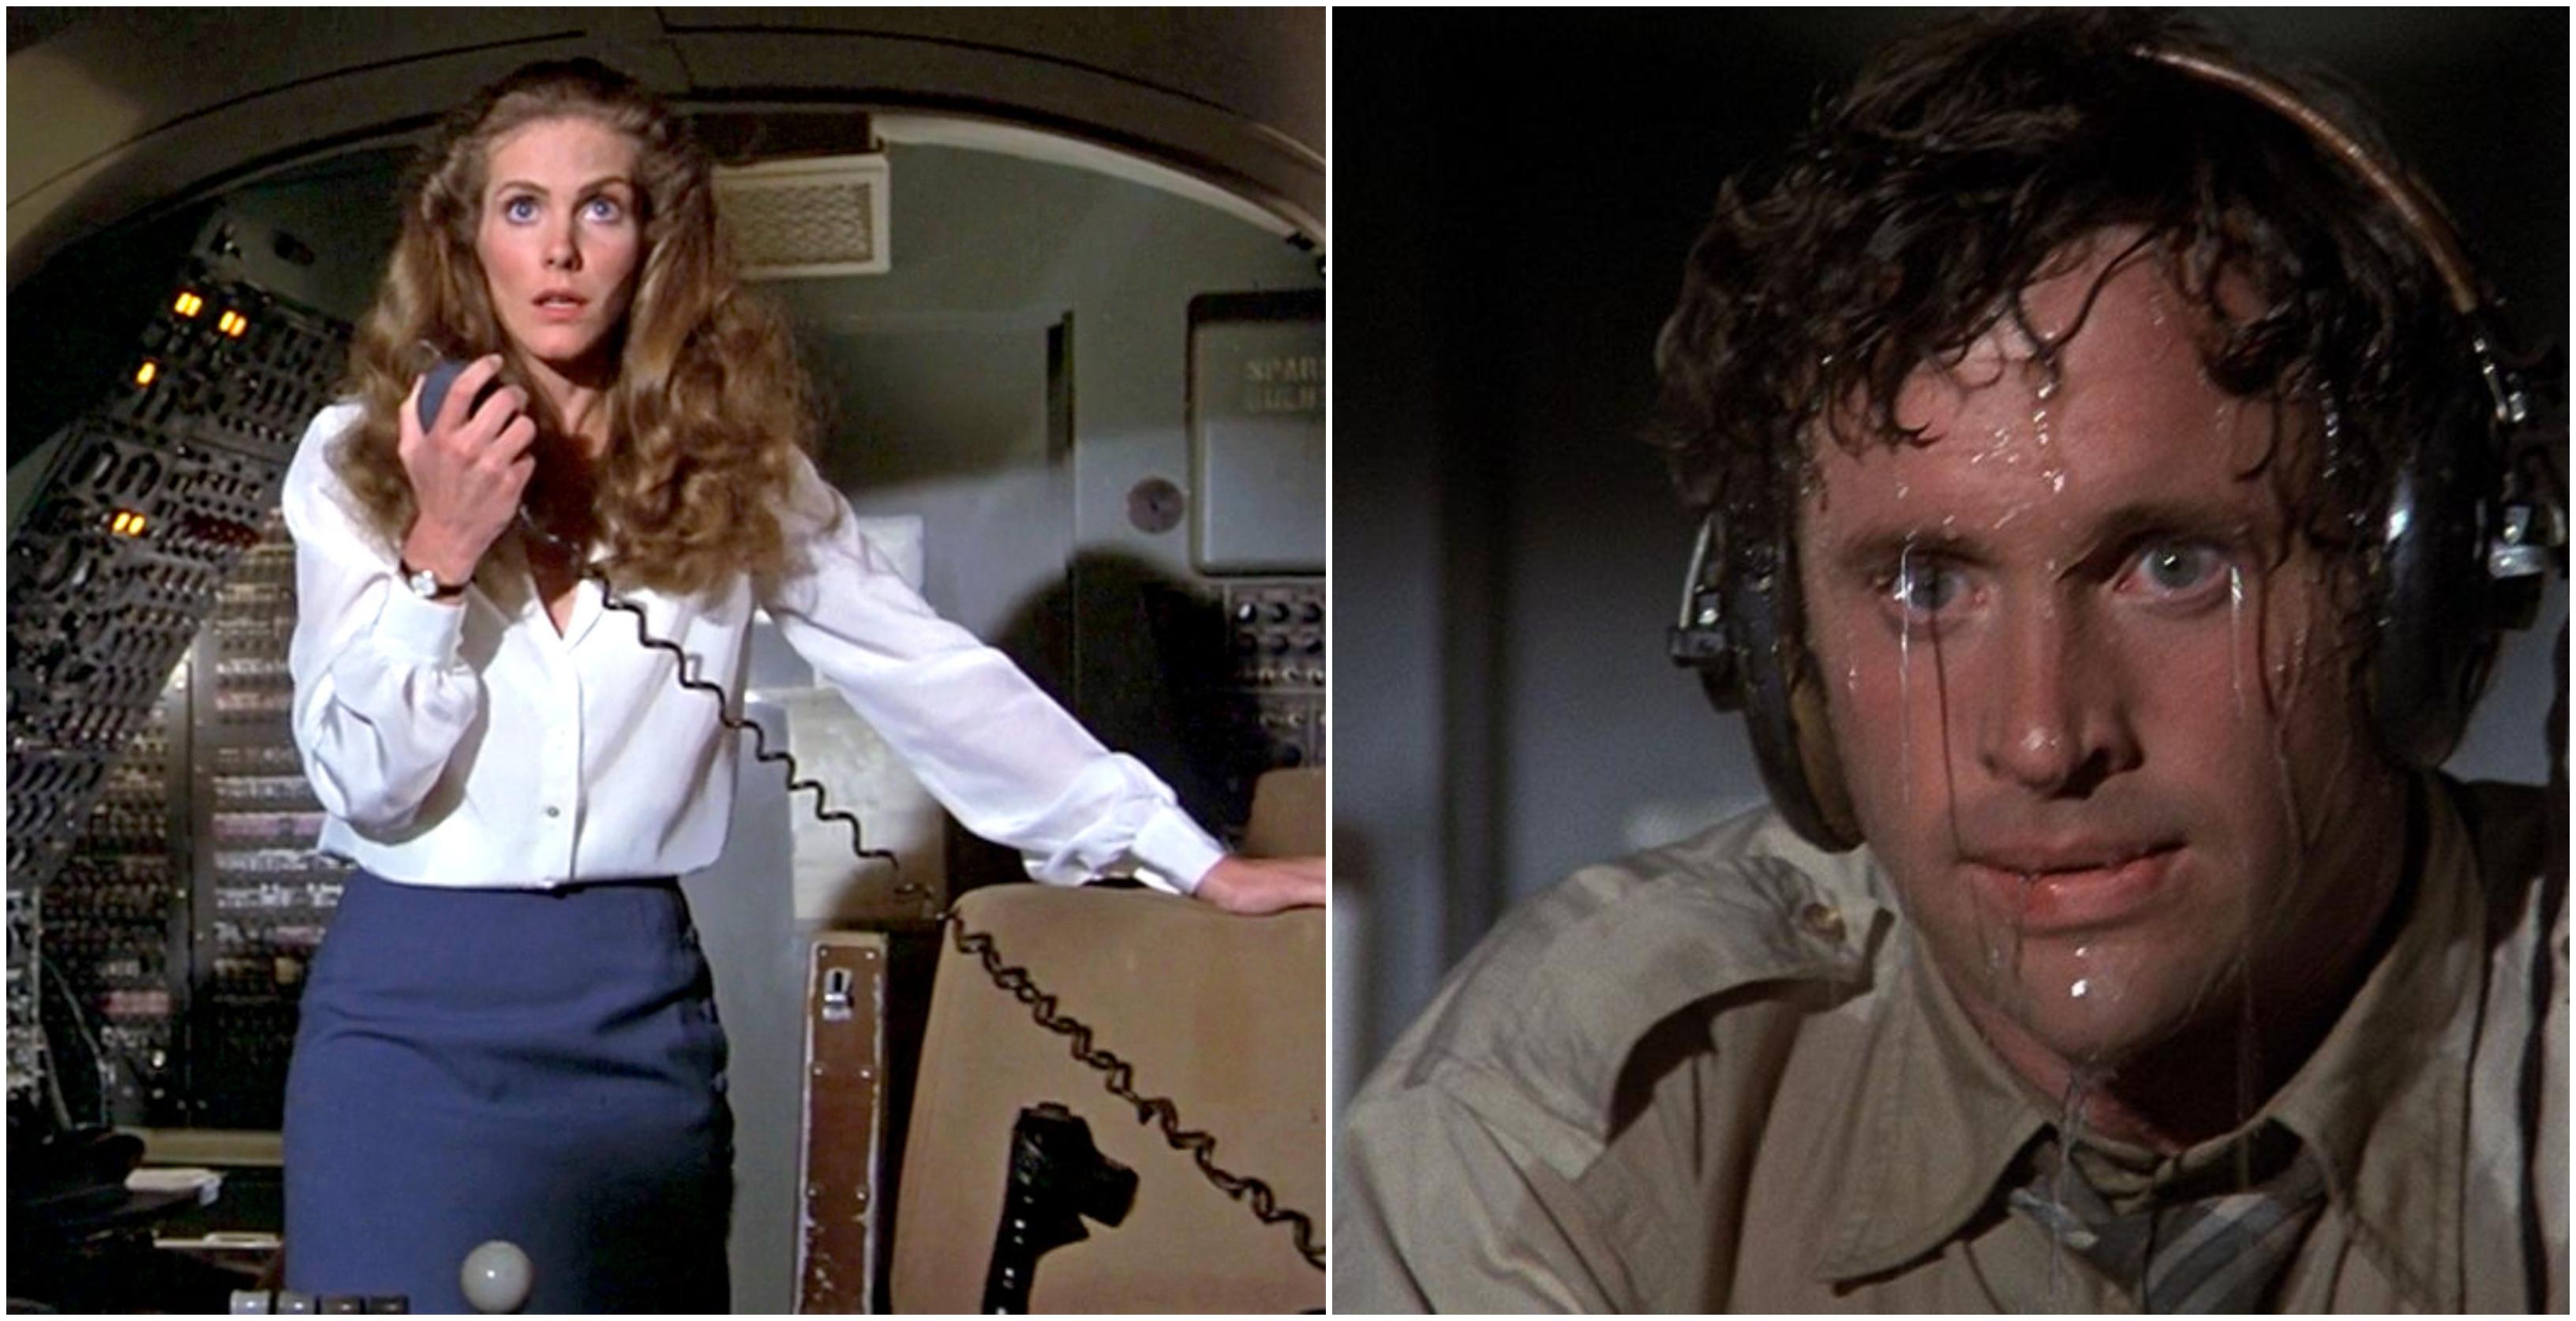 L'aereo più pazzo del mondo – Come sono oggi Elaine e Ted?